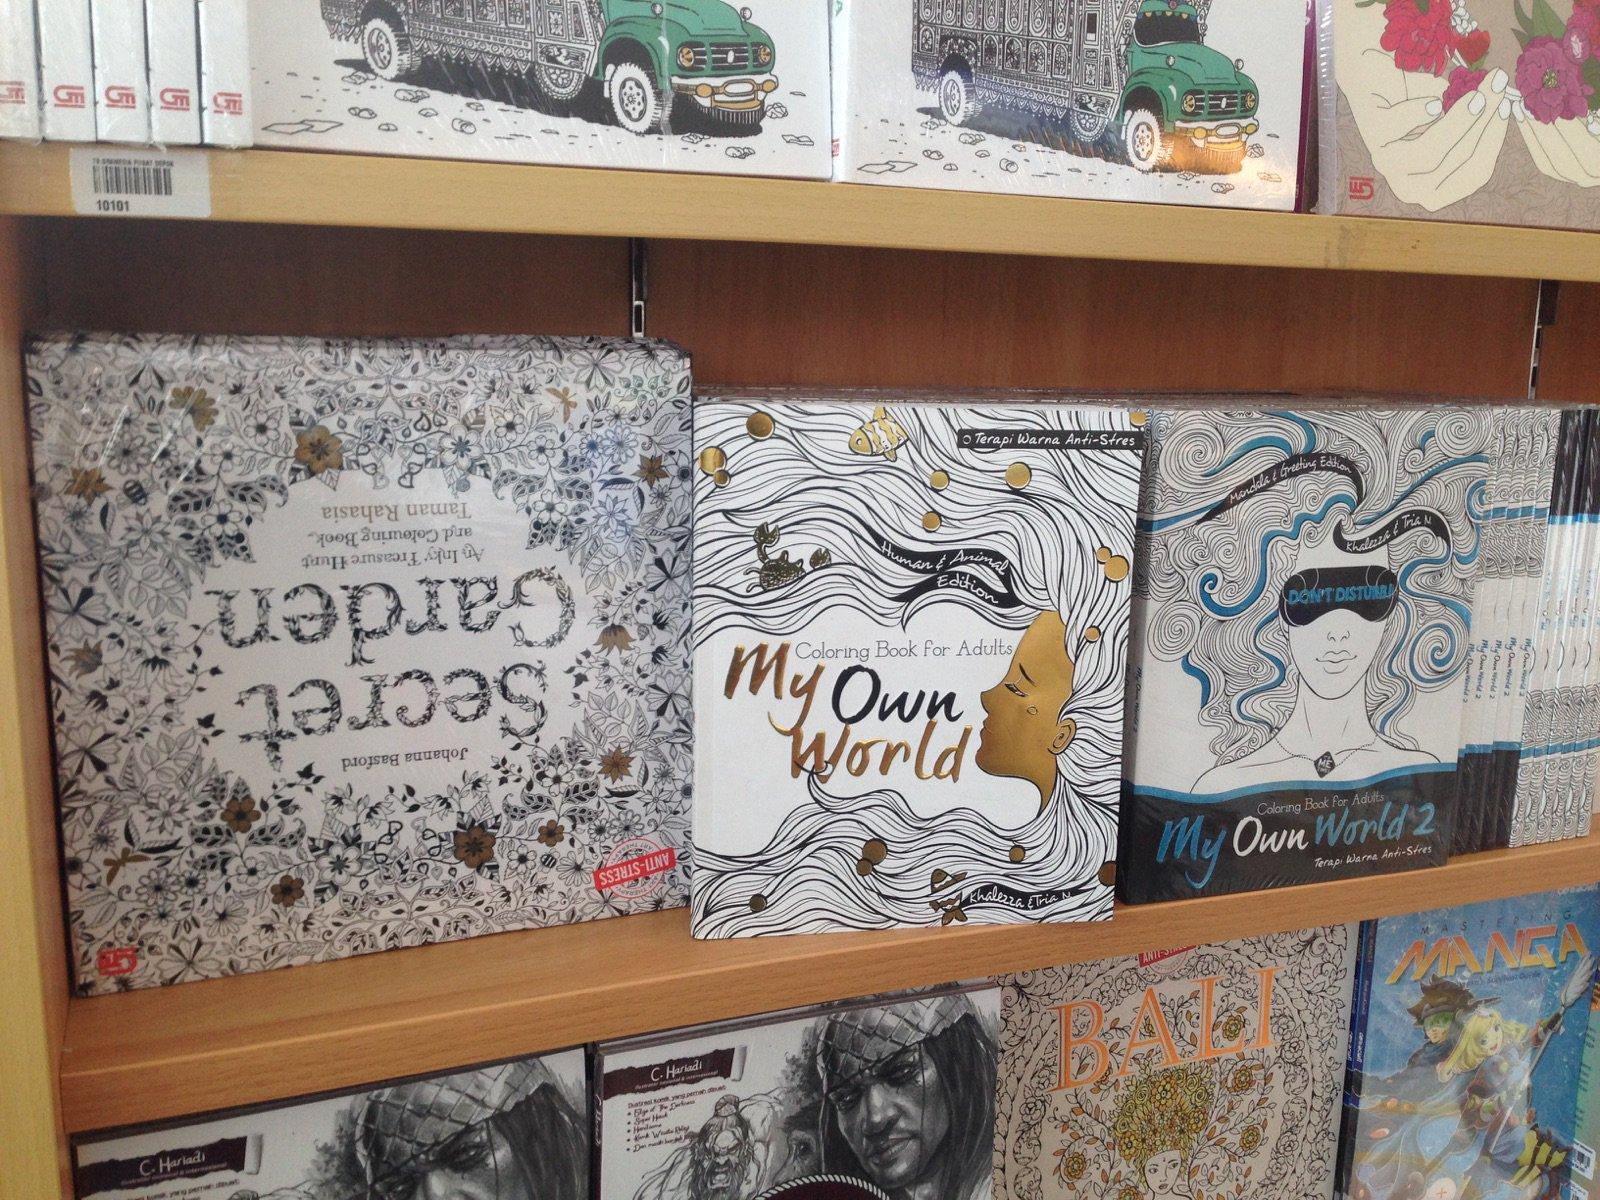 Penerbit Renebook On Twitter MyOwnWorld 1 2 Coloring Book Terapi Warna Anti Stres Tersedia Di Gramedia Cc Gramedmatraman Gramediadepok